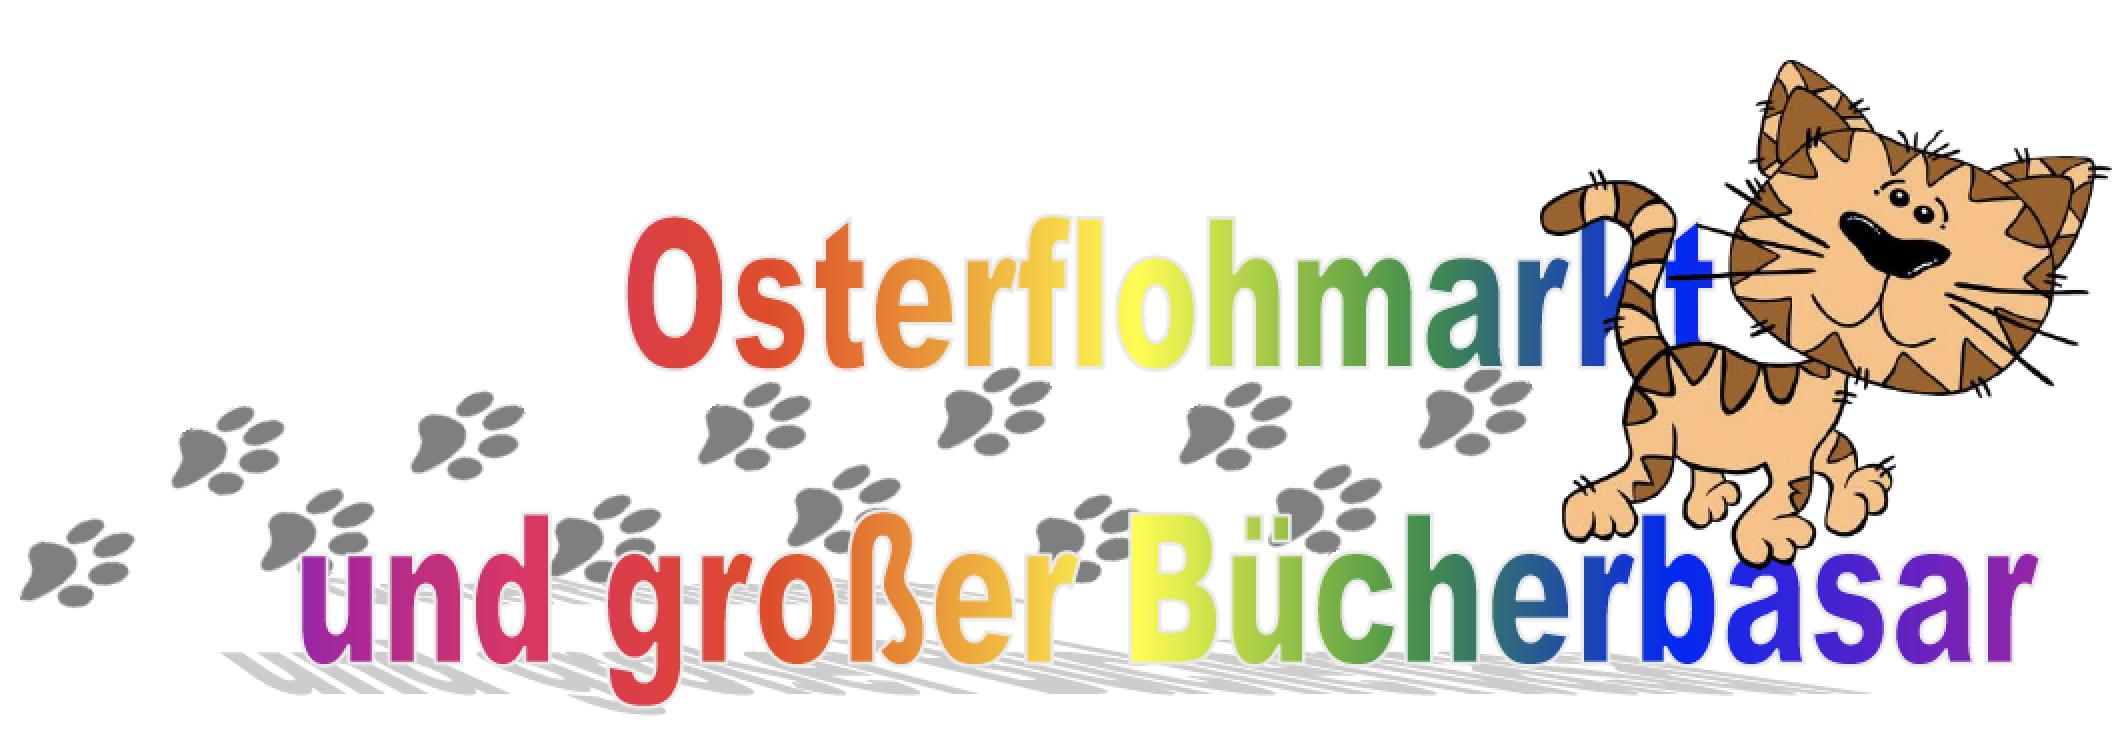 Osterflohmarkt 2020